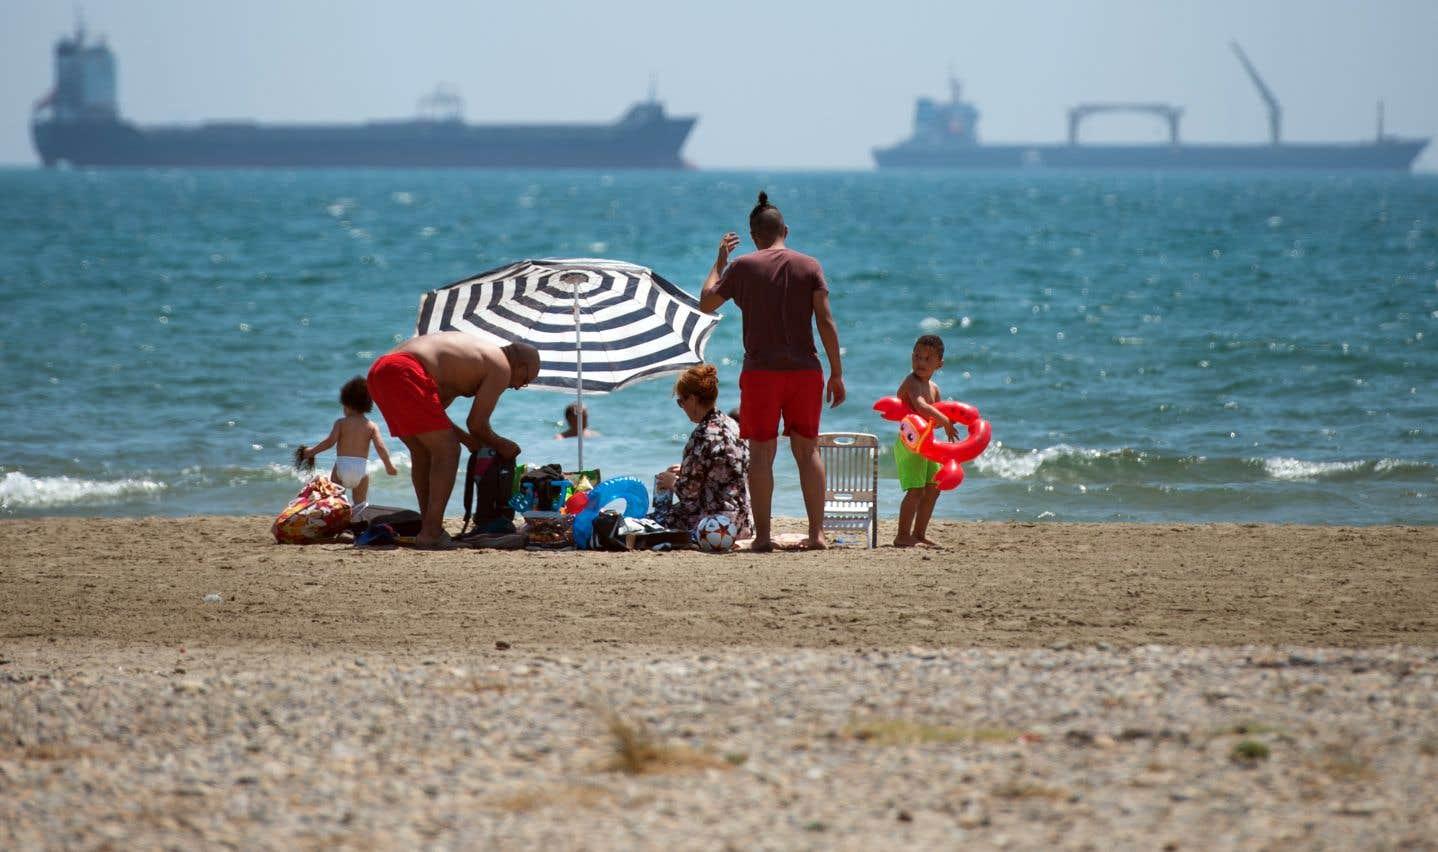 Malgré le Protocole de Montréal, la couche d'ozone a continué de se dégrader au-dessus des zones tempérées, où vit la majorité de la population mondiale.